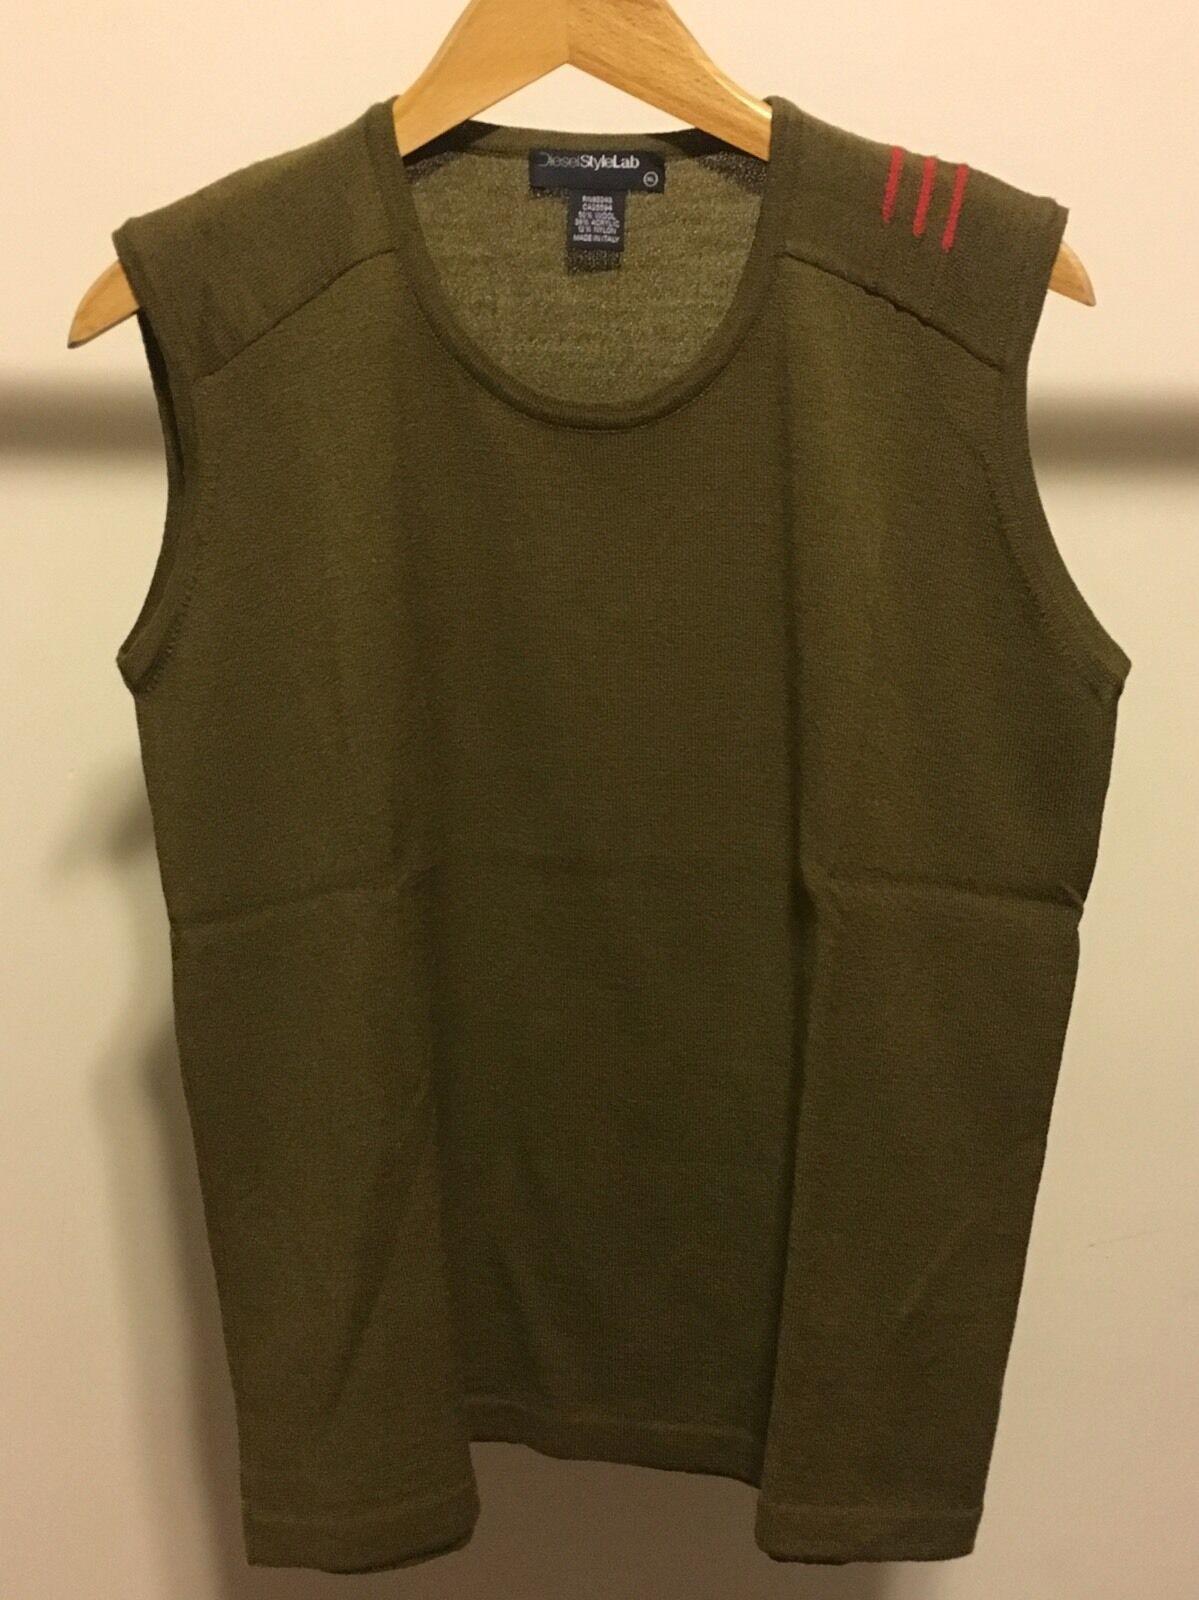 Diesel StyleLab Men's Knit Vest